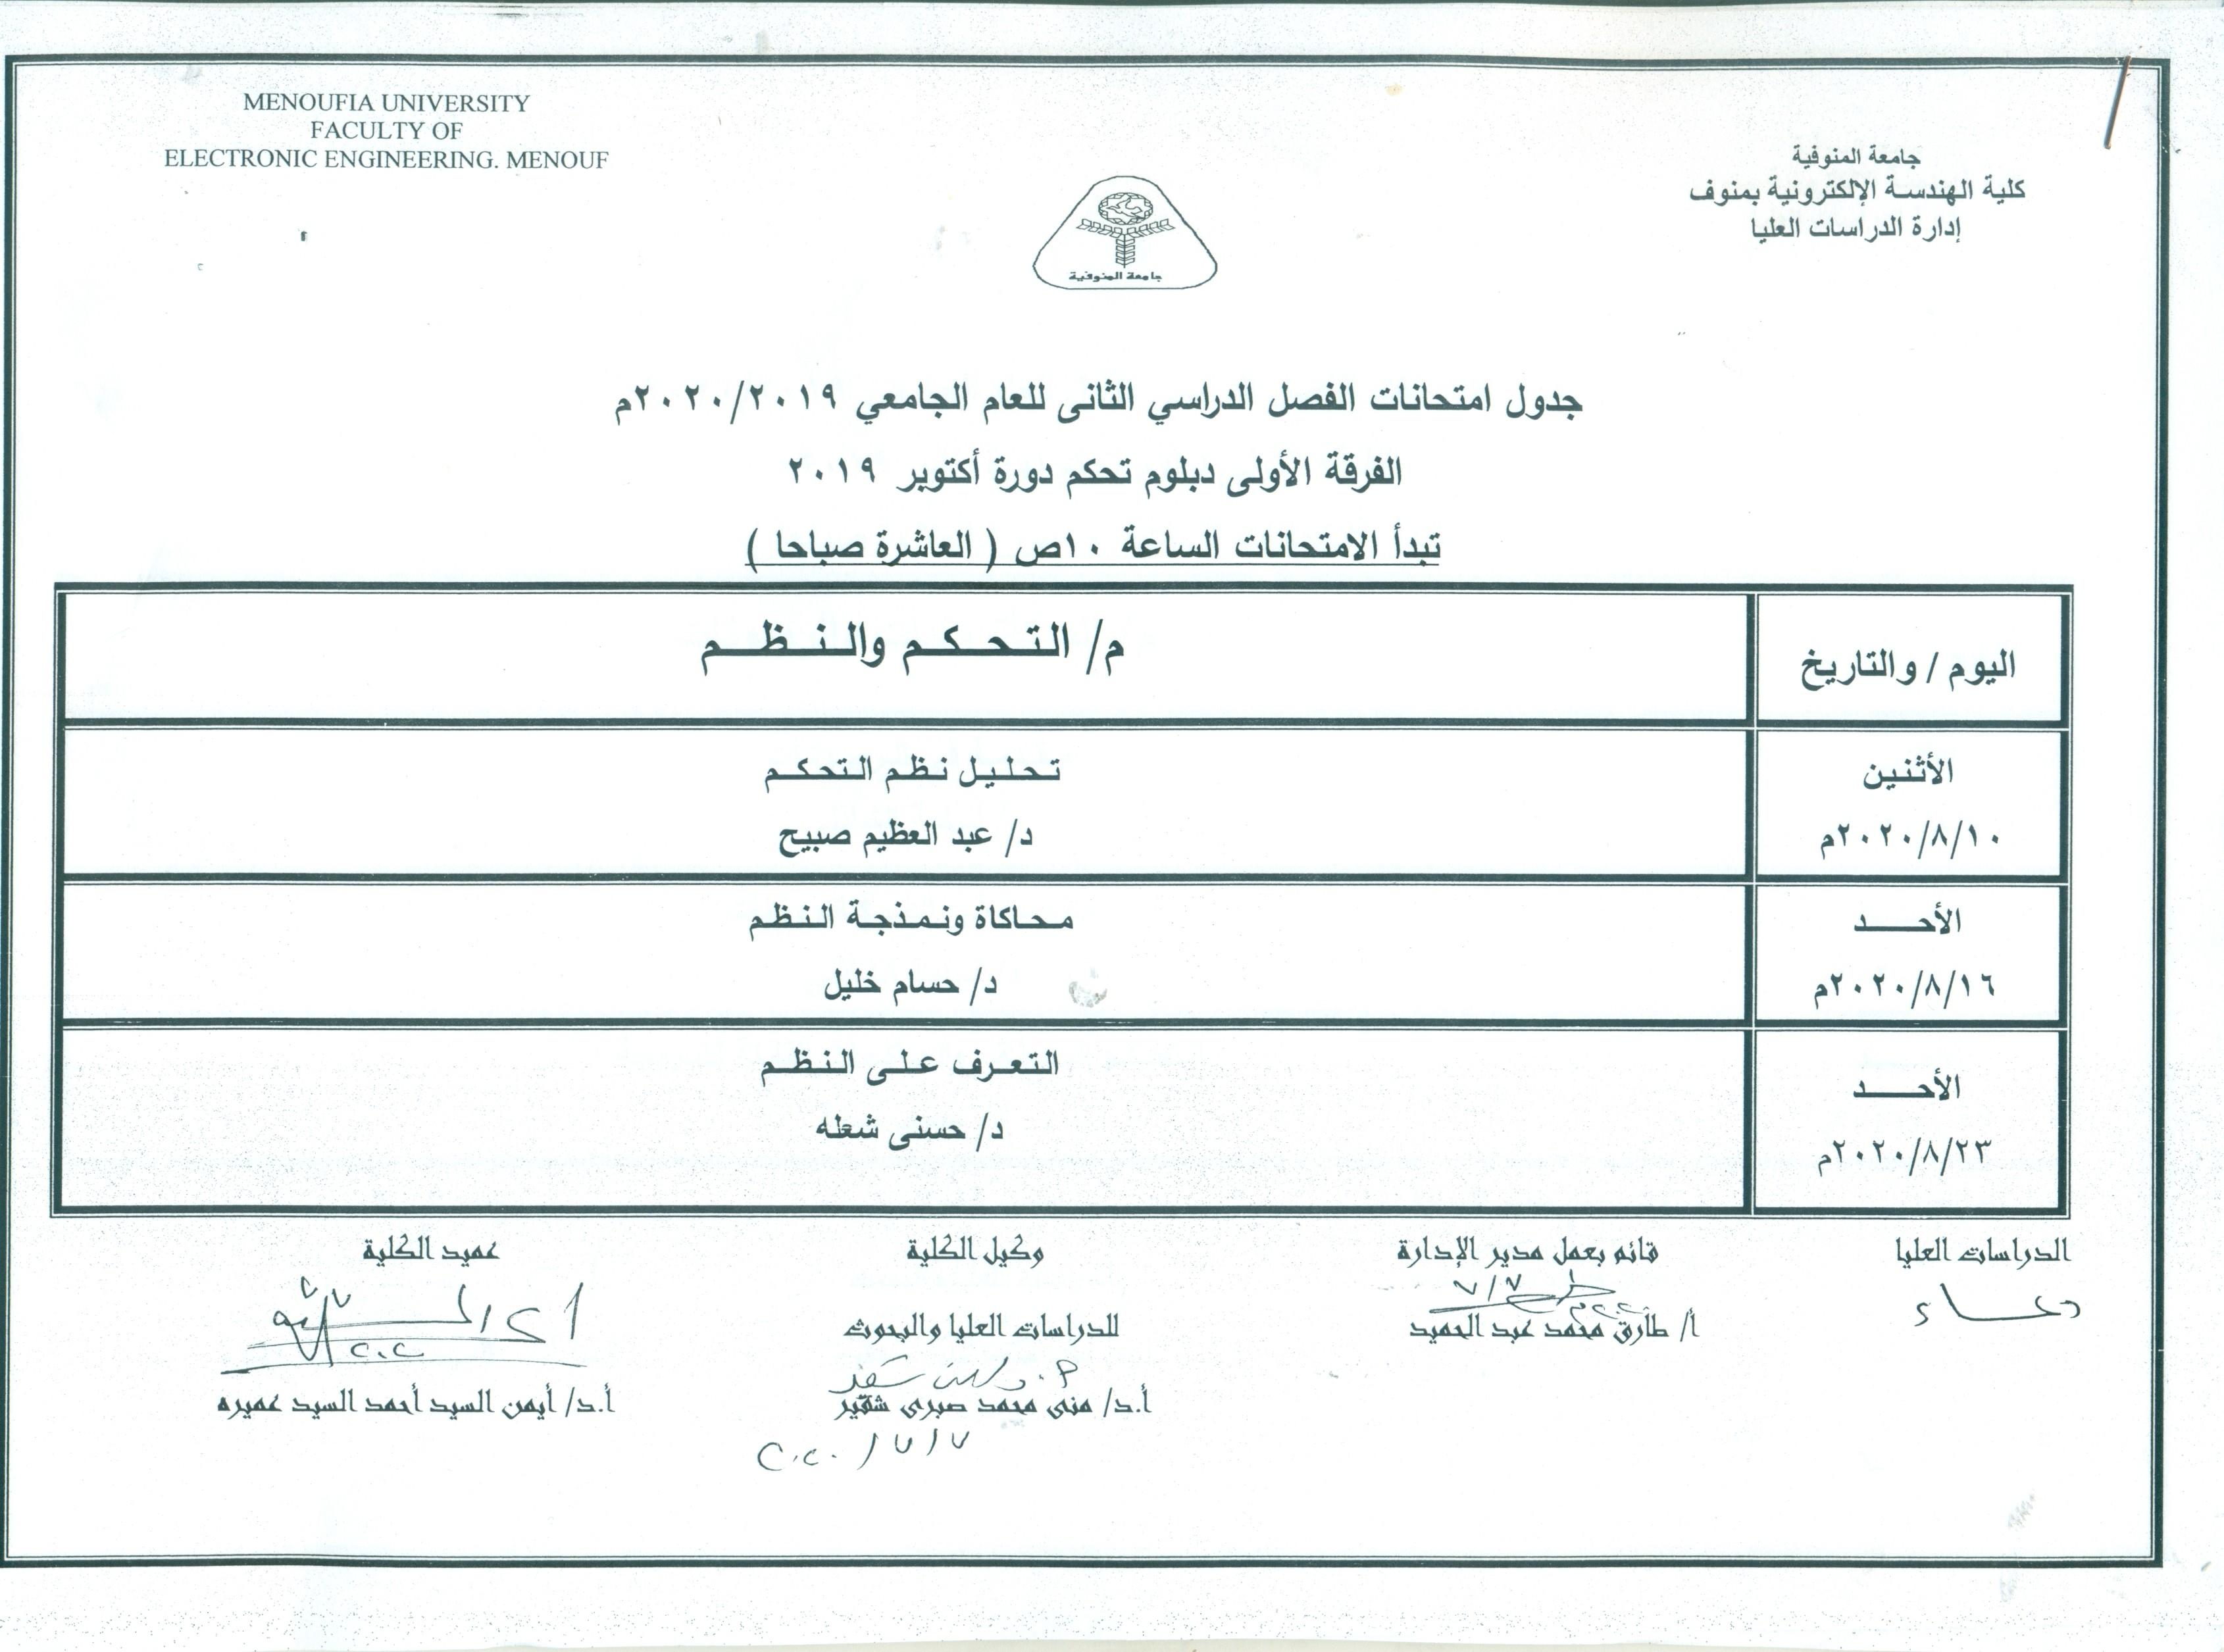 جدول امتحانات الفرقة الاولى دبلوم تحكم دورة يناير 2019